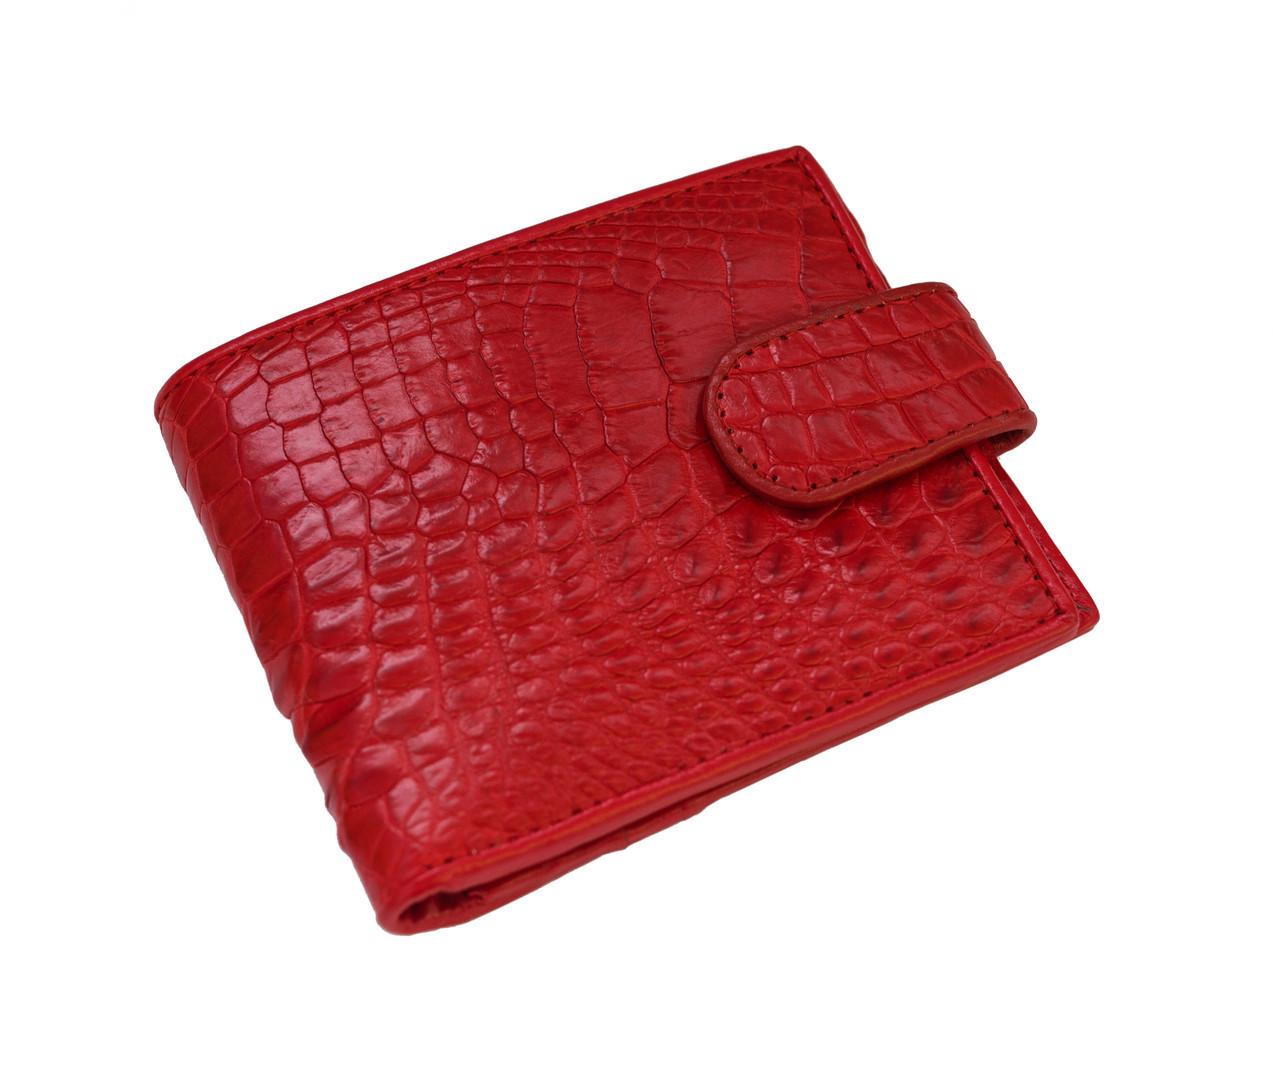 Кошелек из кожи крокодила Красный (cw 34_6)